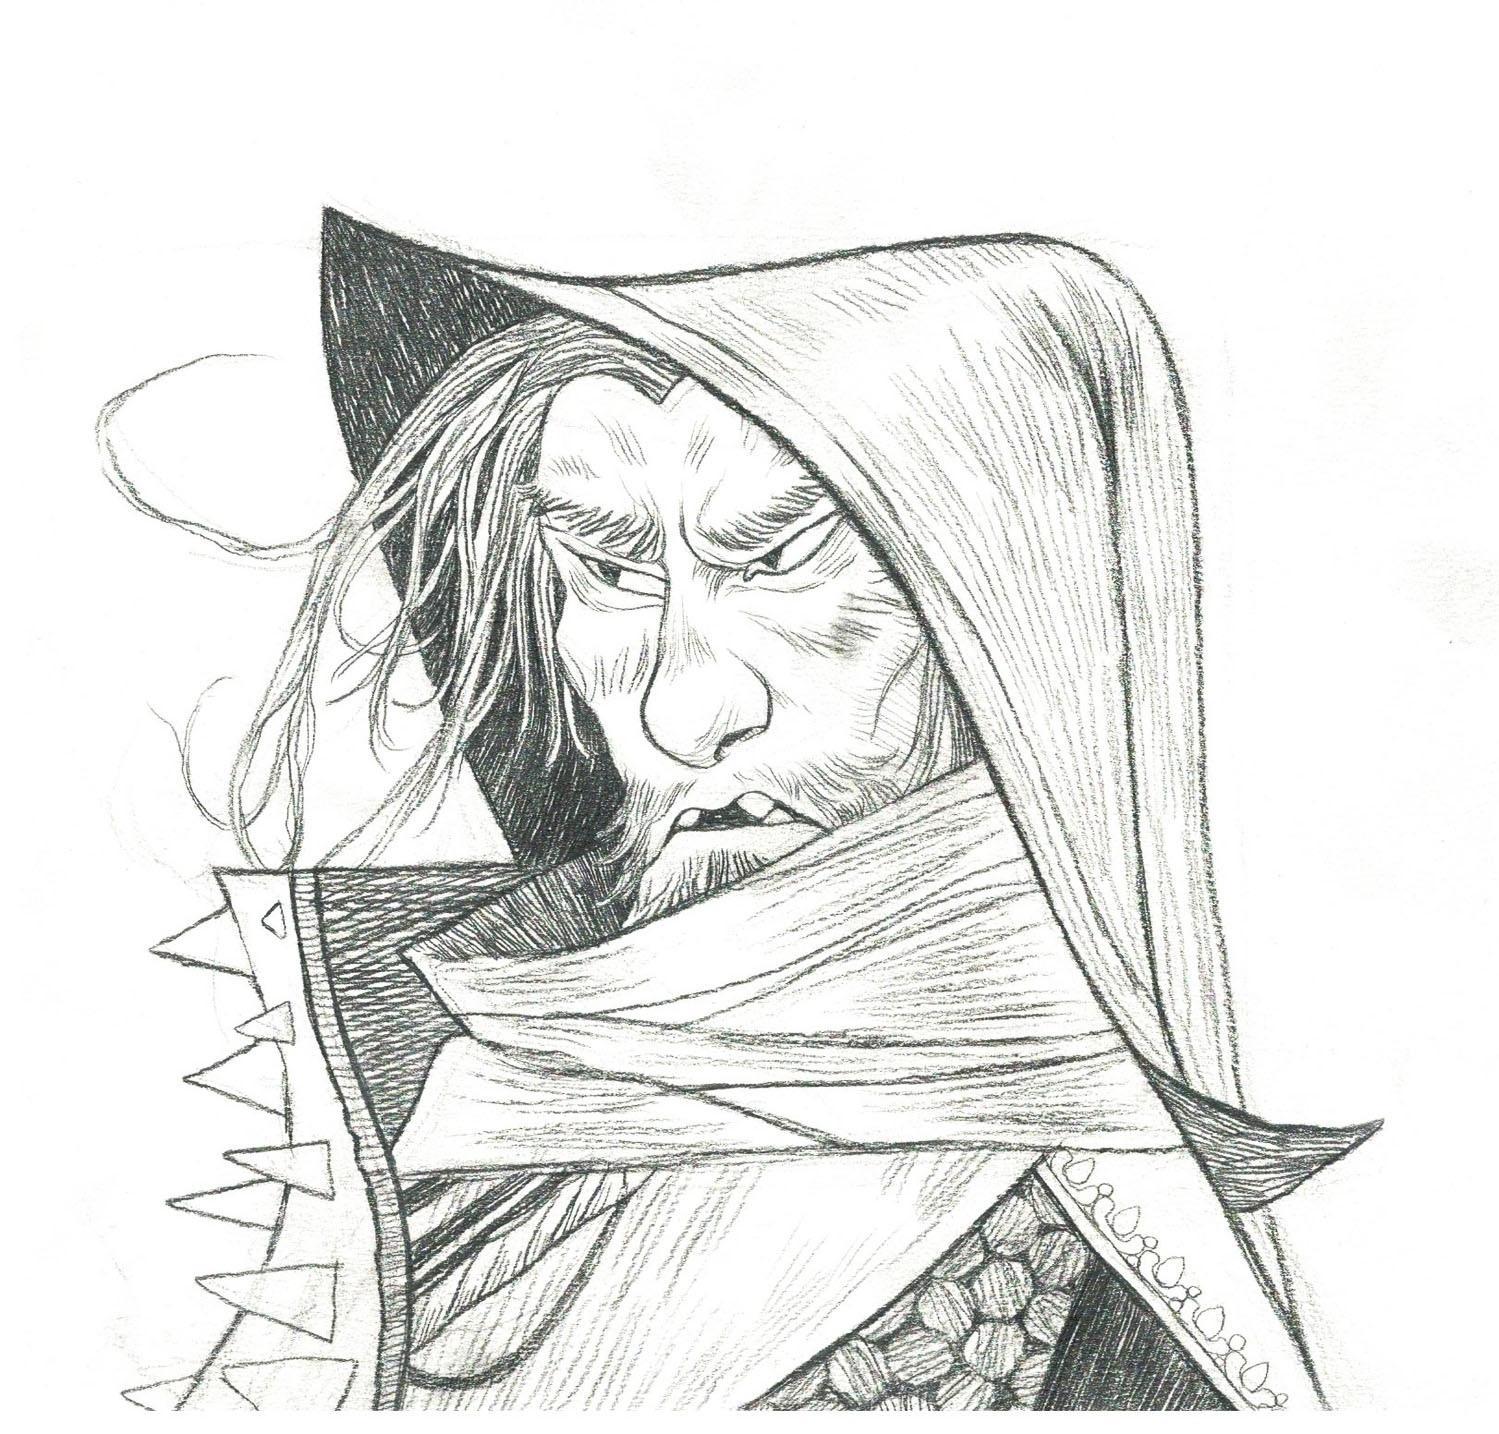 A sketch of Loop Hero's bandit enemy type